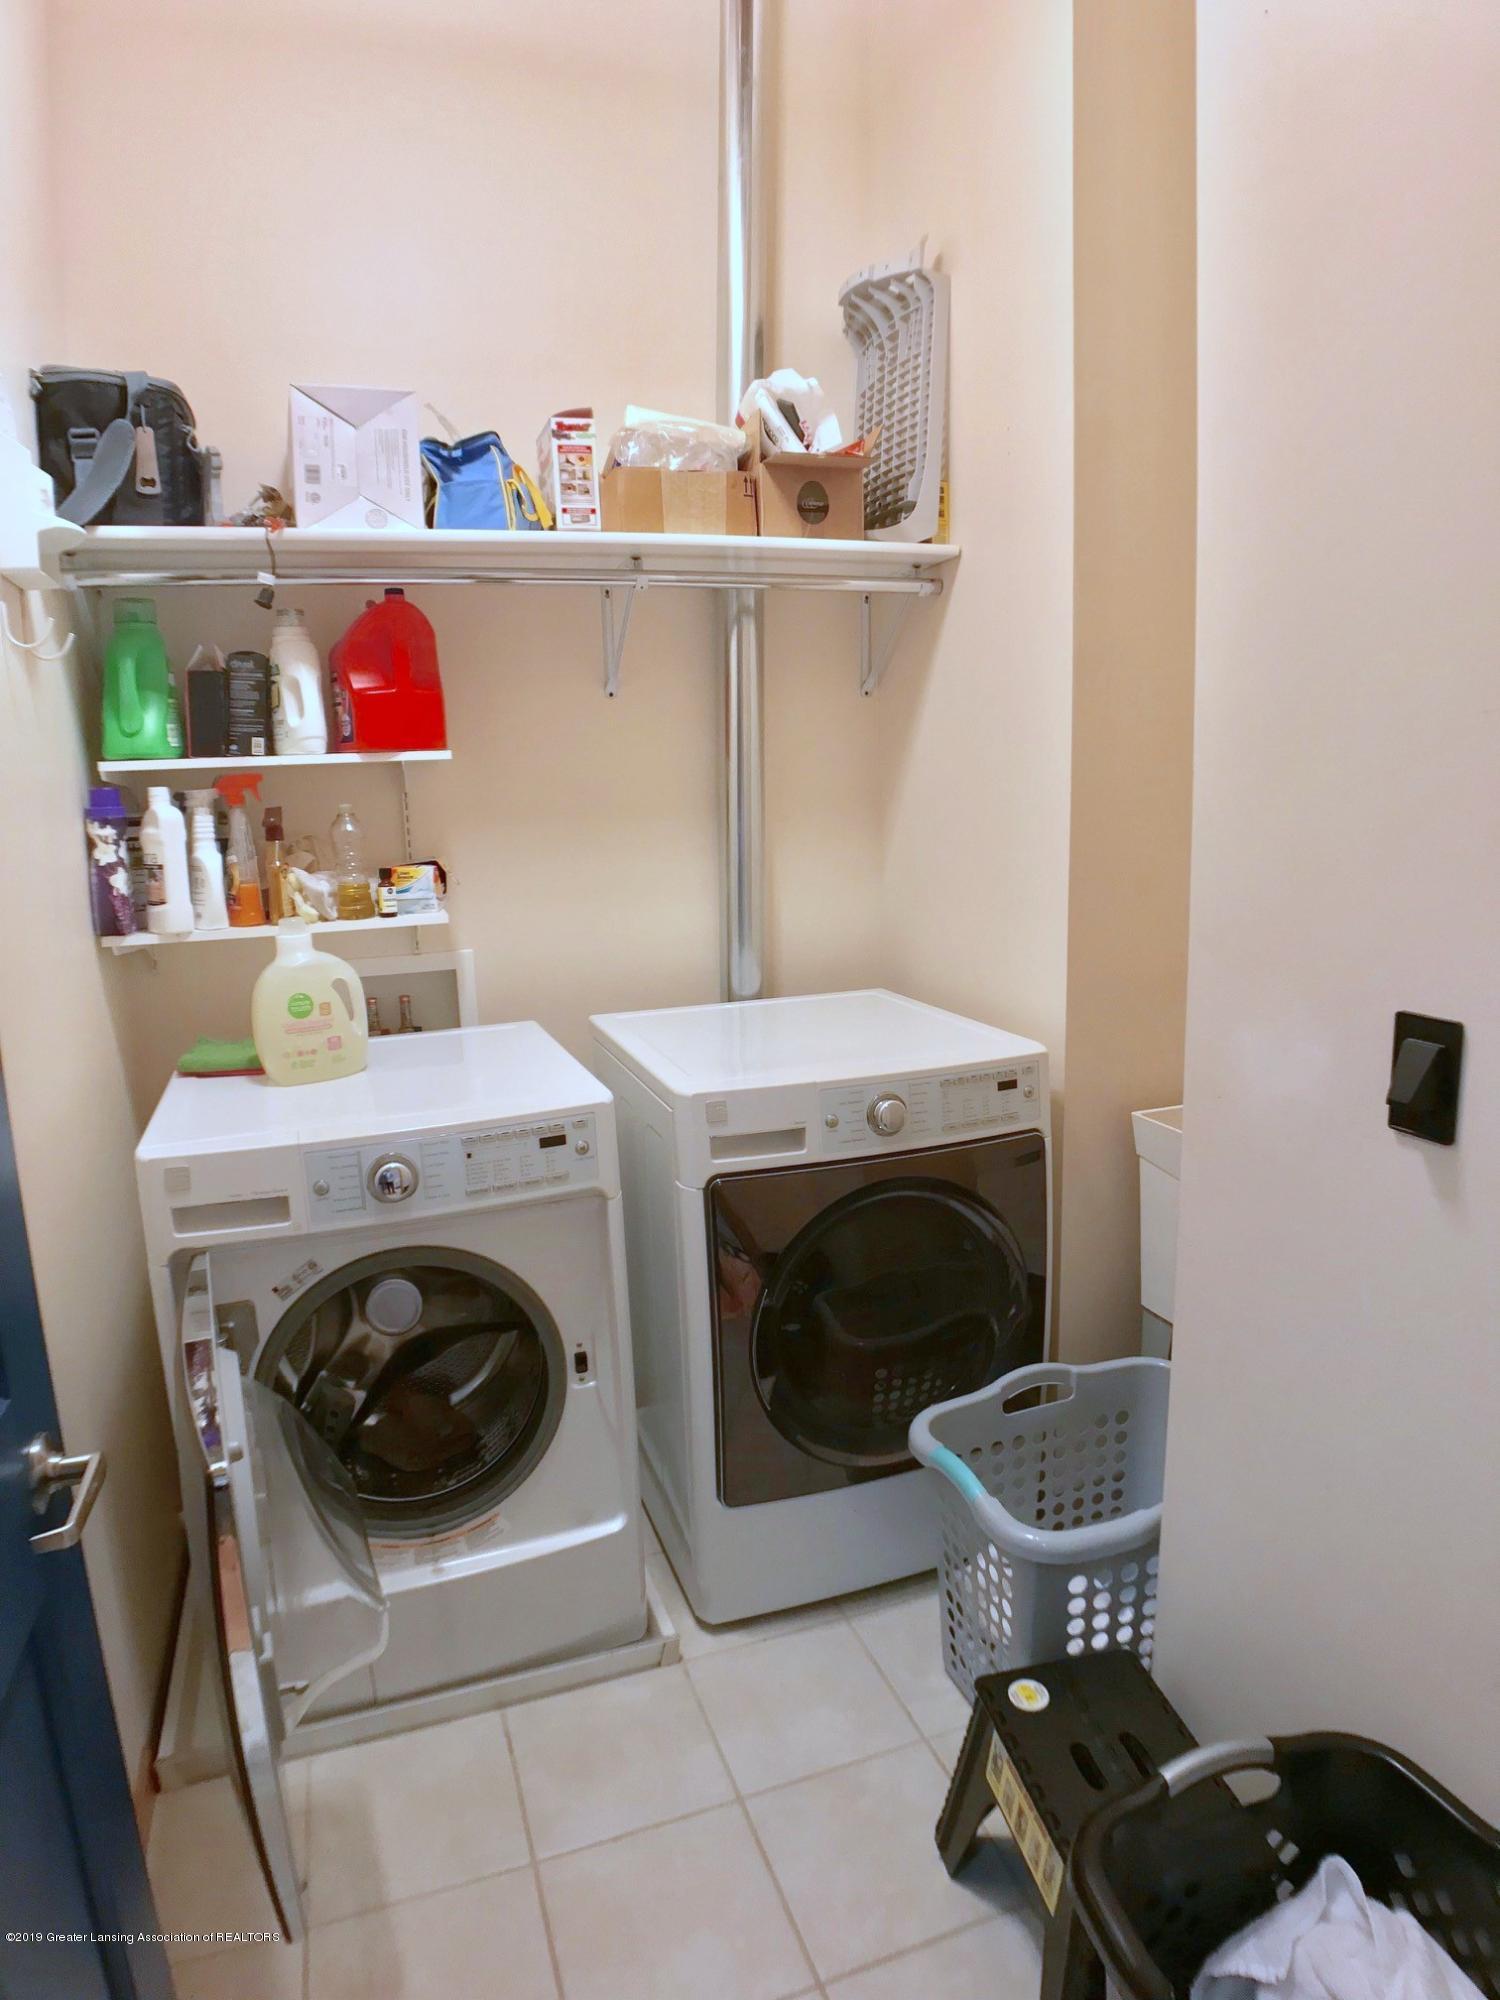 214 S Washington Square 4 - Laundry - 23